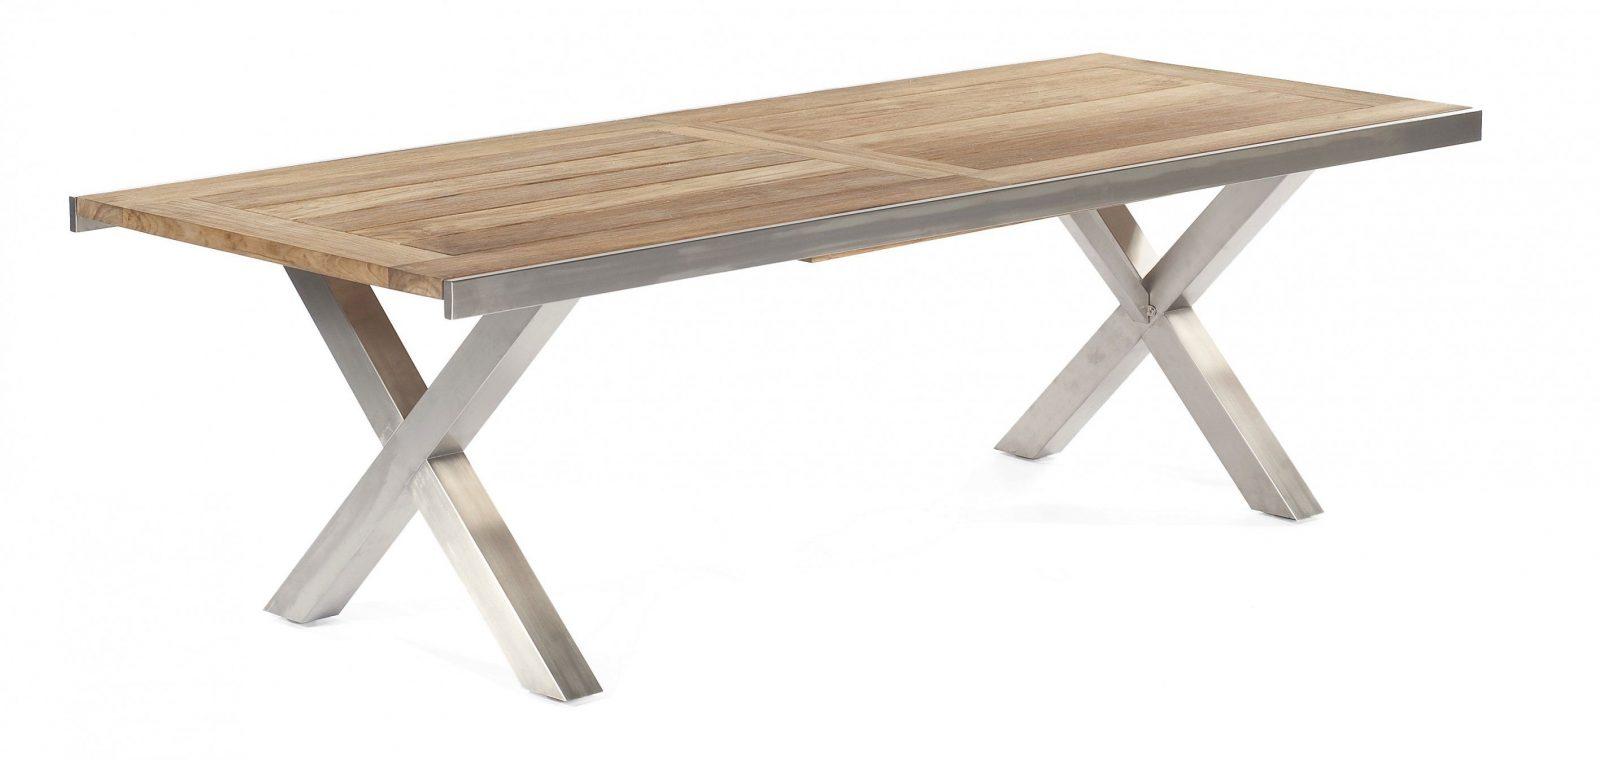 Gartentisch Ausziehbar Guenstig Gw54 – Hitoiro von Gartentisch Holz Ausziehbar Günstig Photo